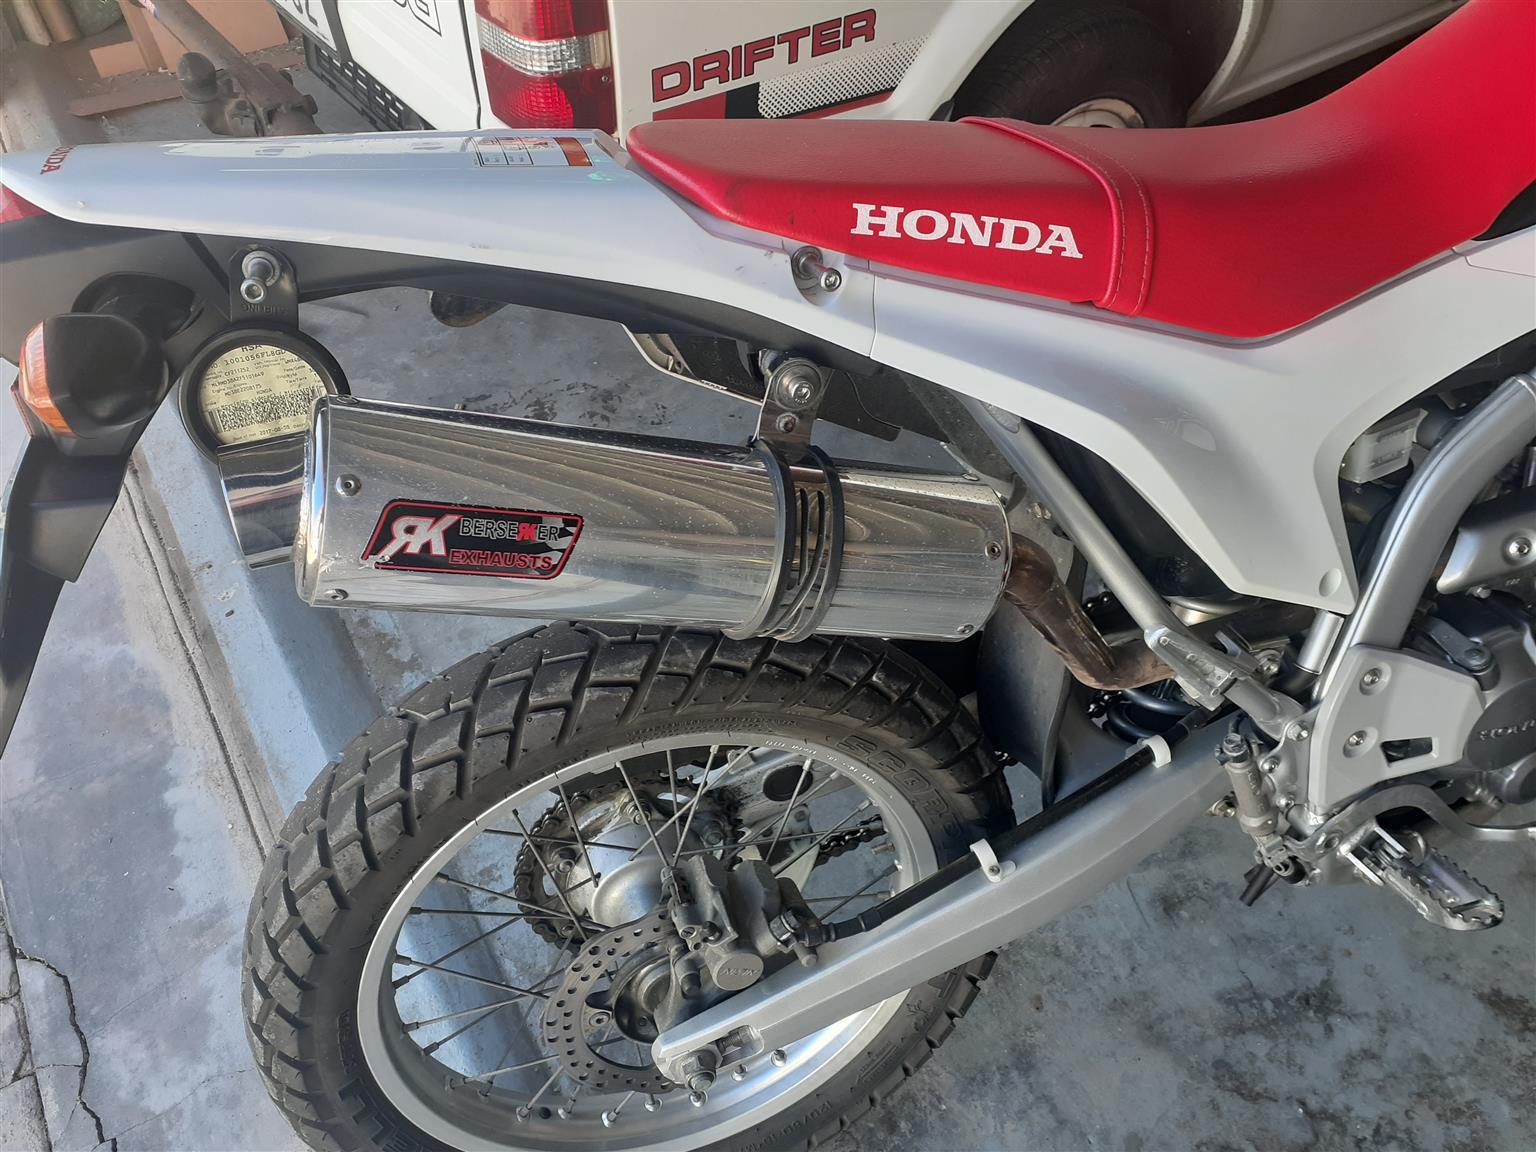 Honda Crf250l Looking for standard OEM exhaust